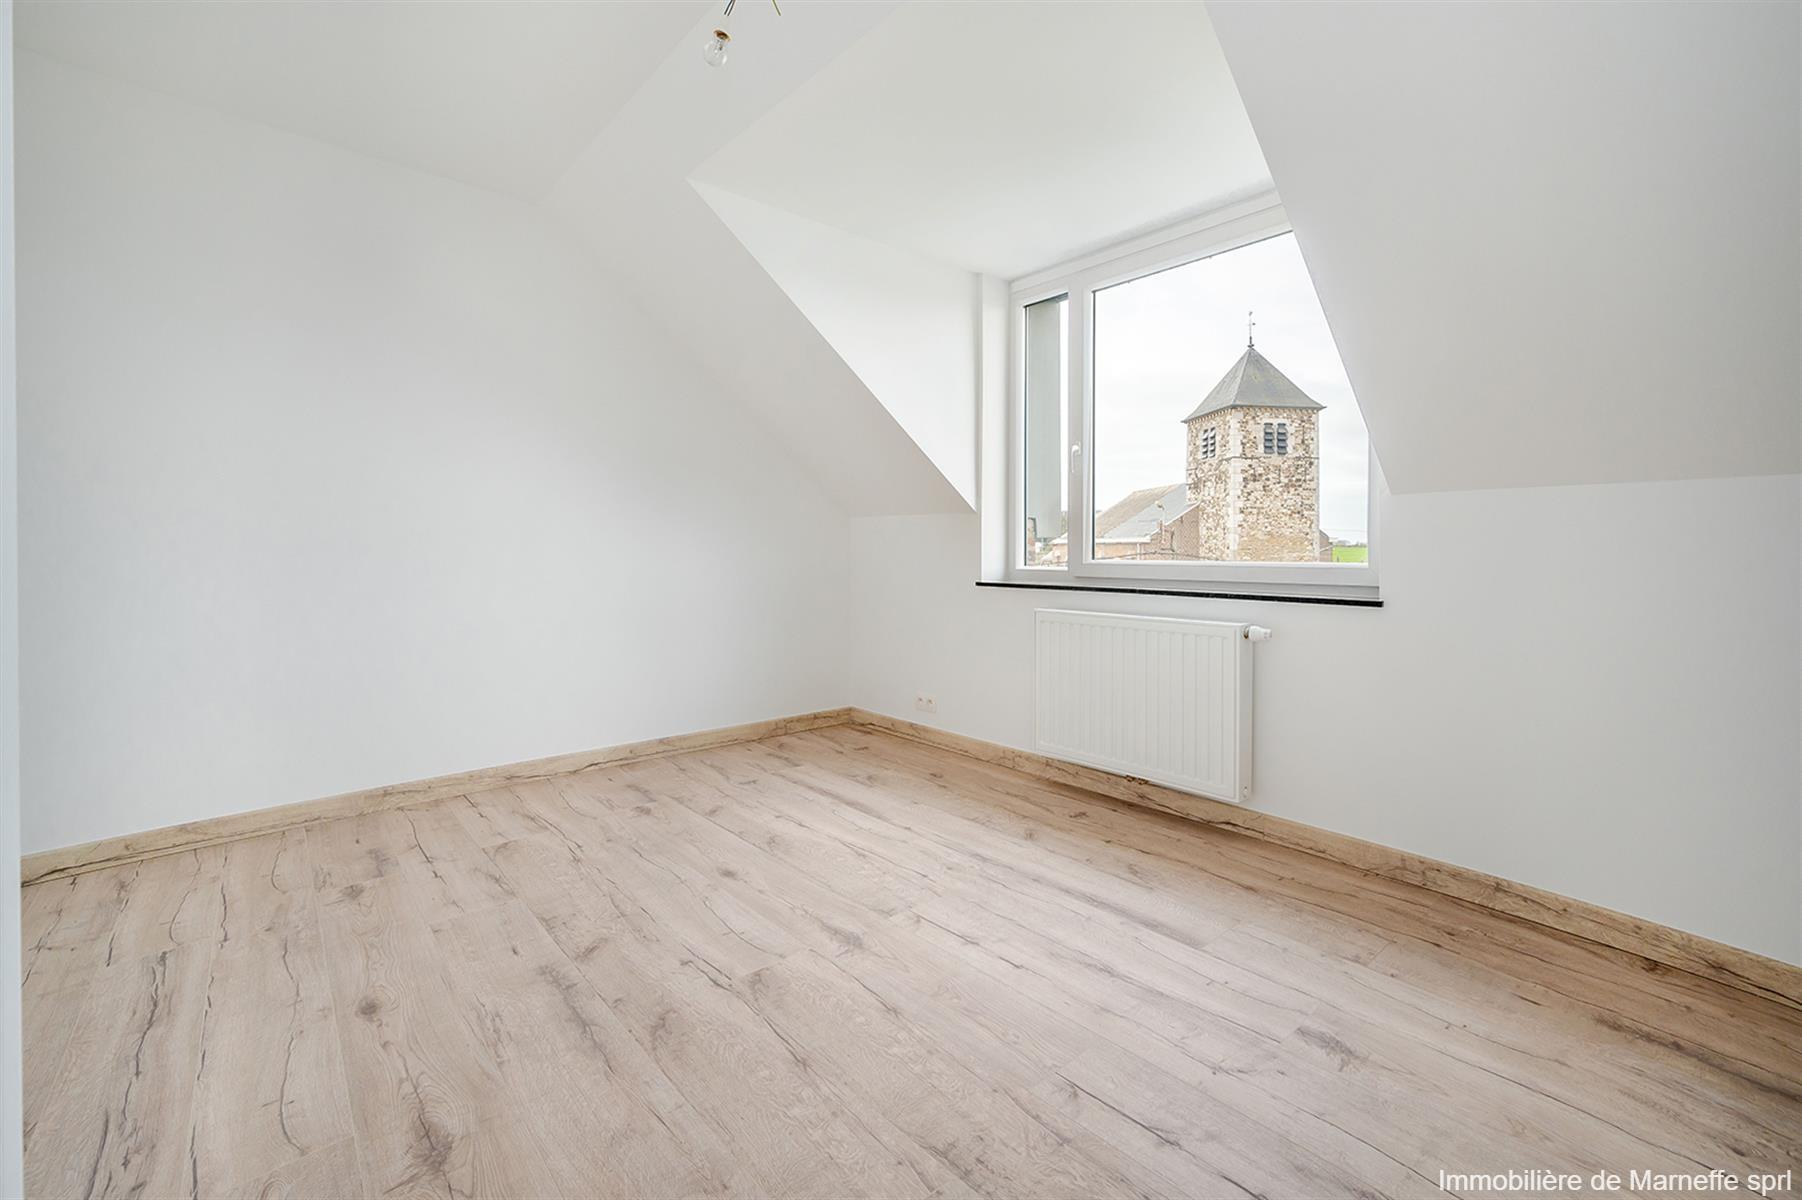 Maison - Grâce-Hollogne Velroux - #4214269-14